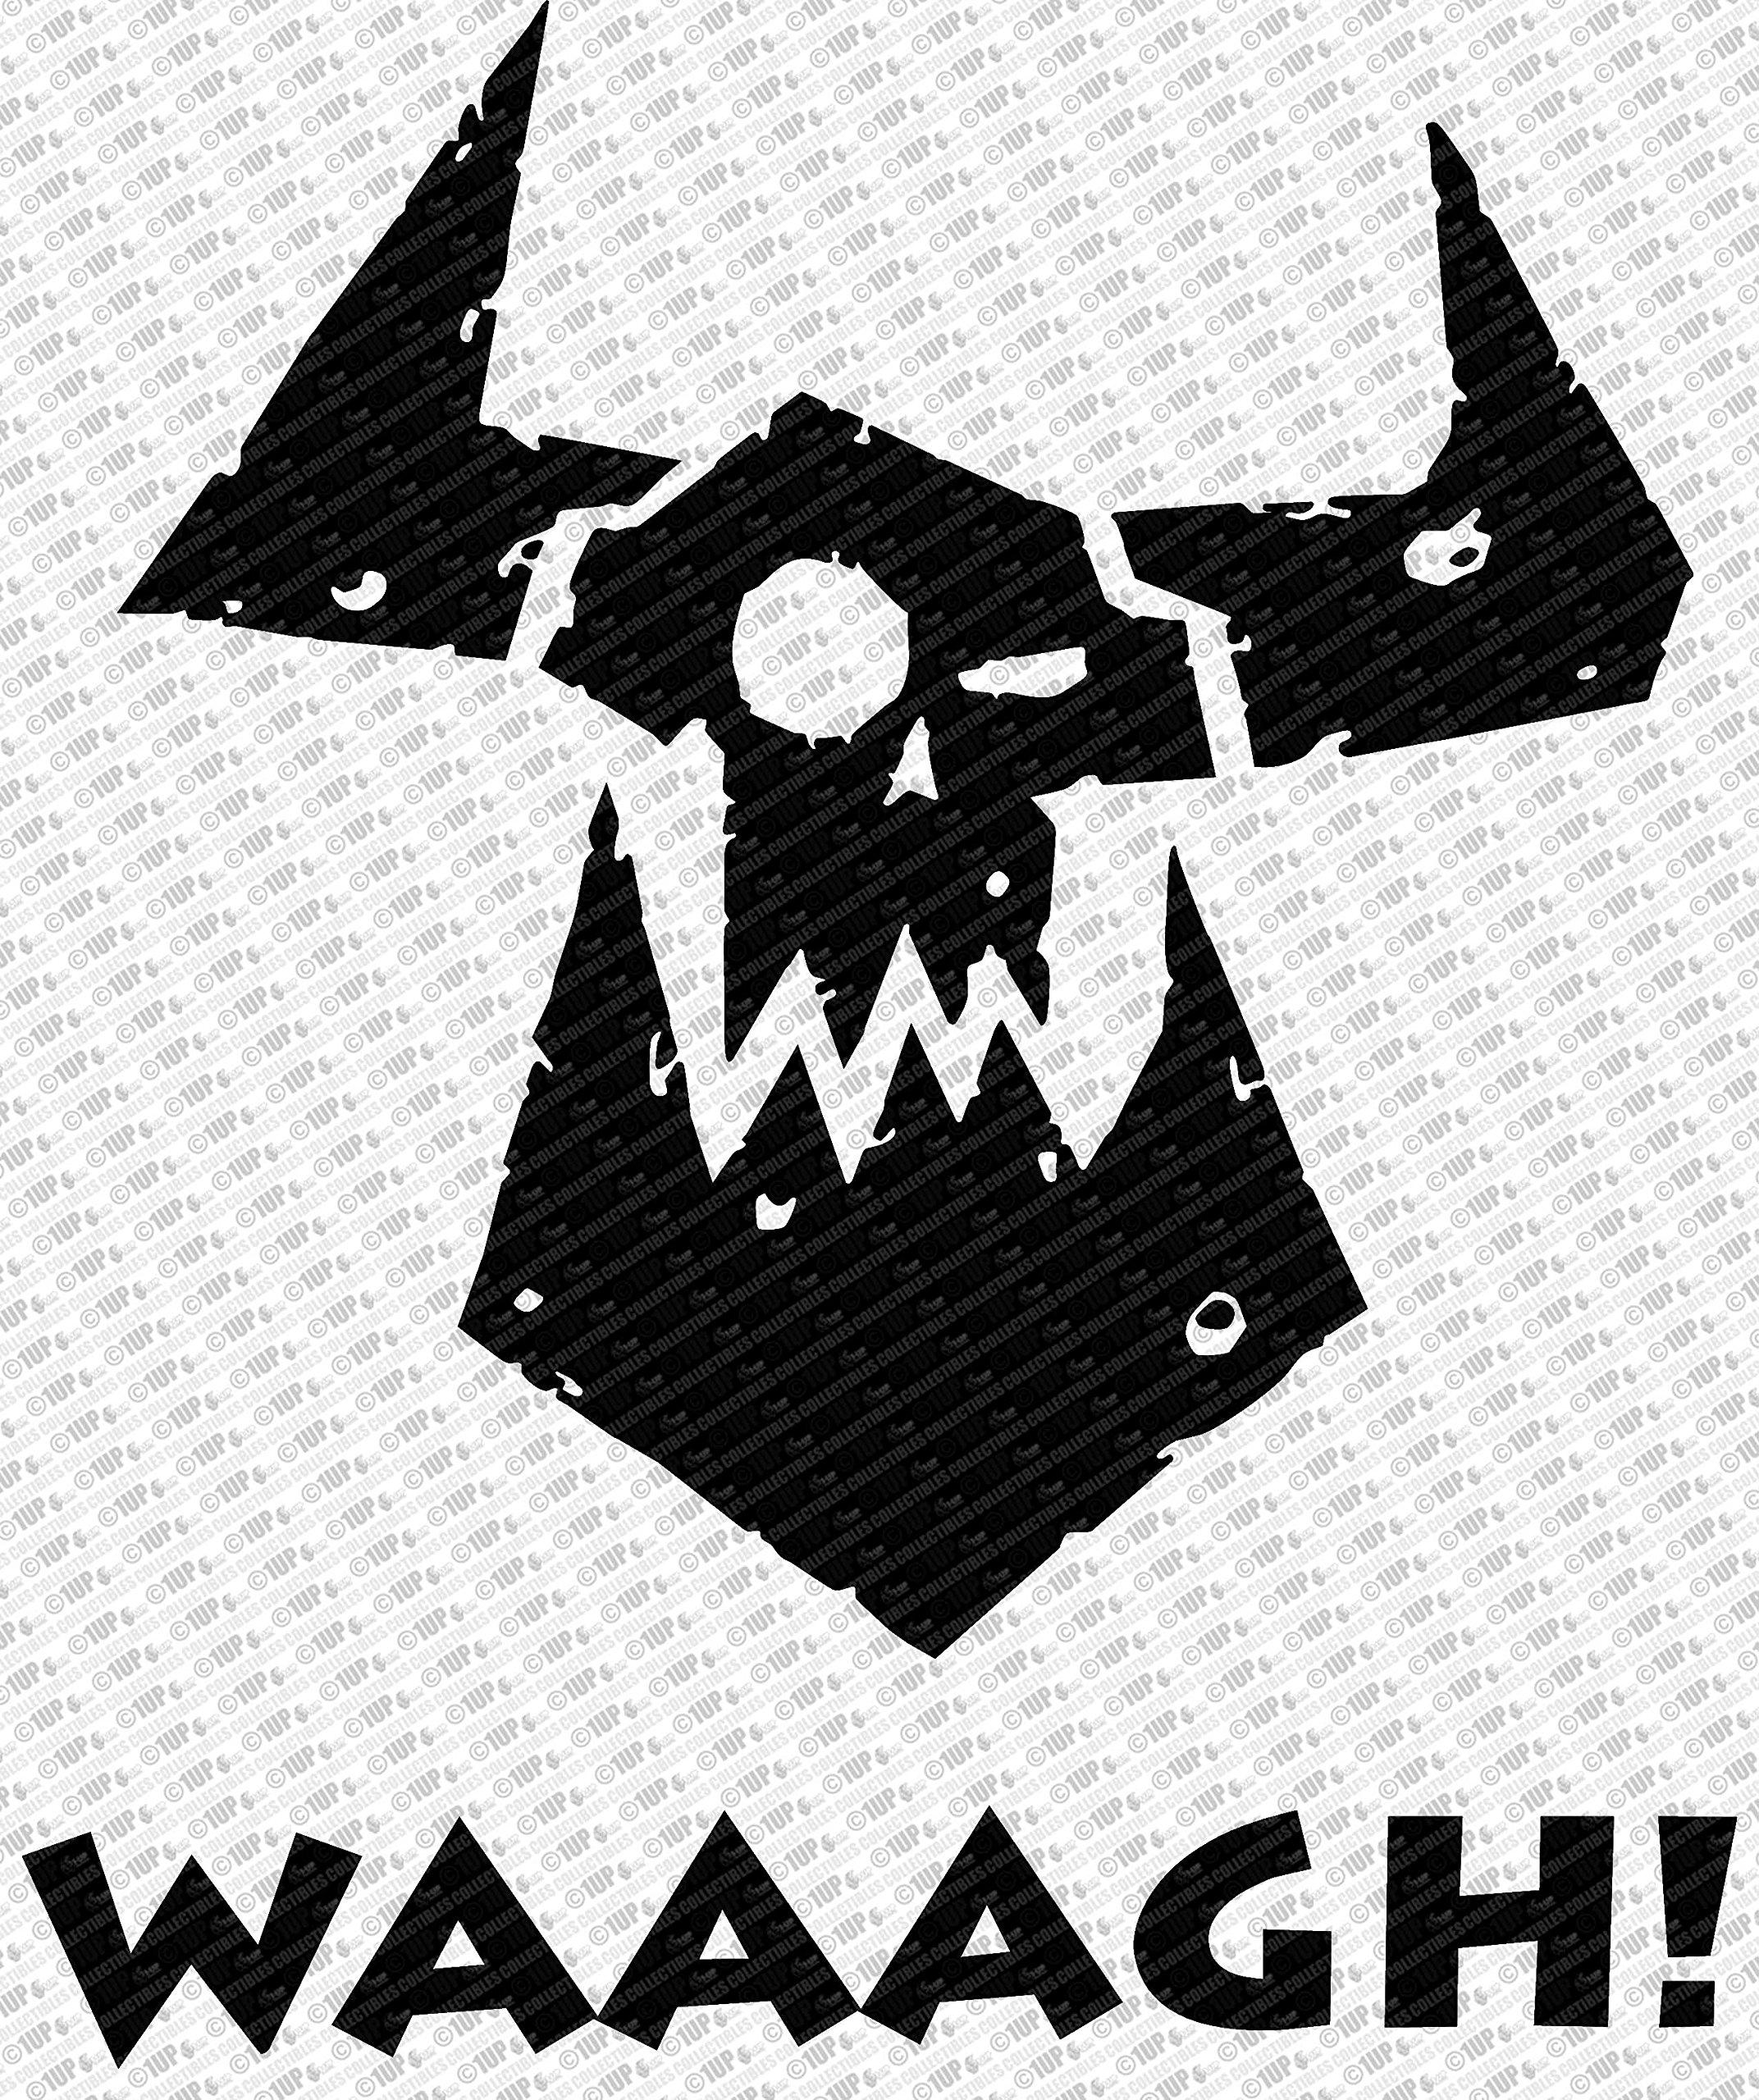 Galleon collectible decals warhammer 40k orc waaagh die cut vinyl decal sticker 6 black